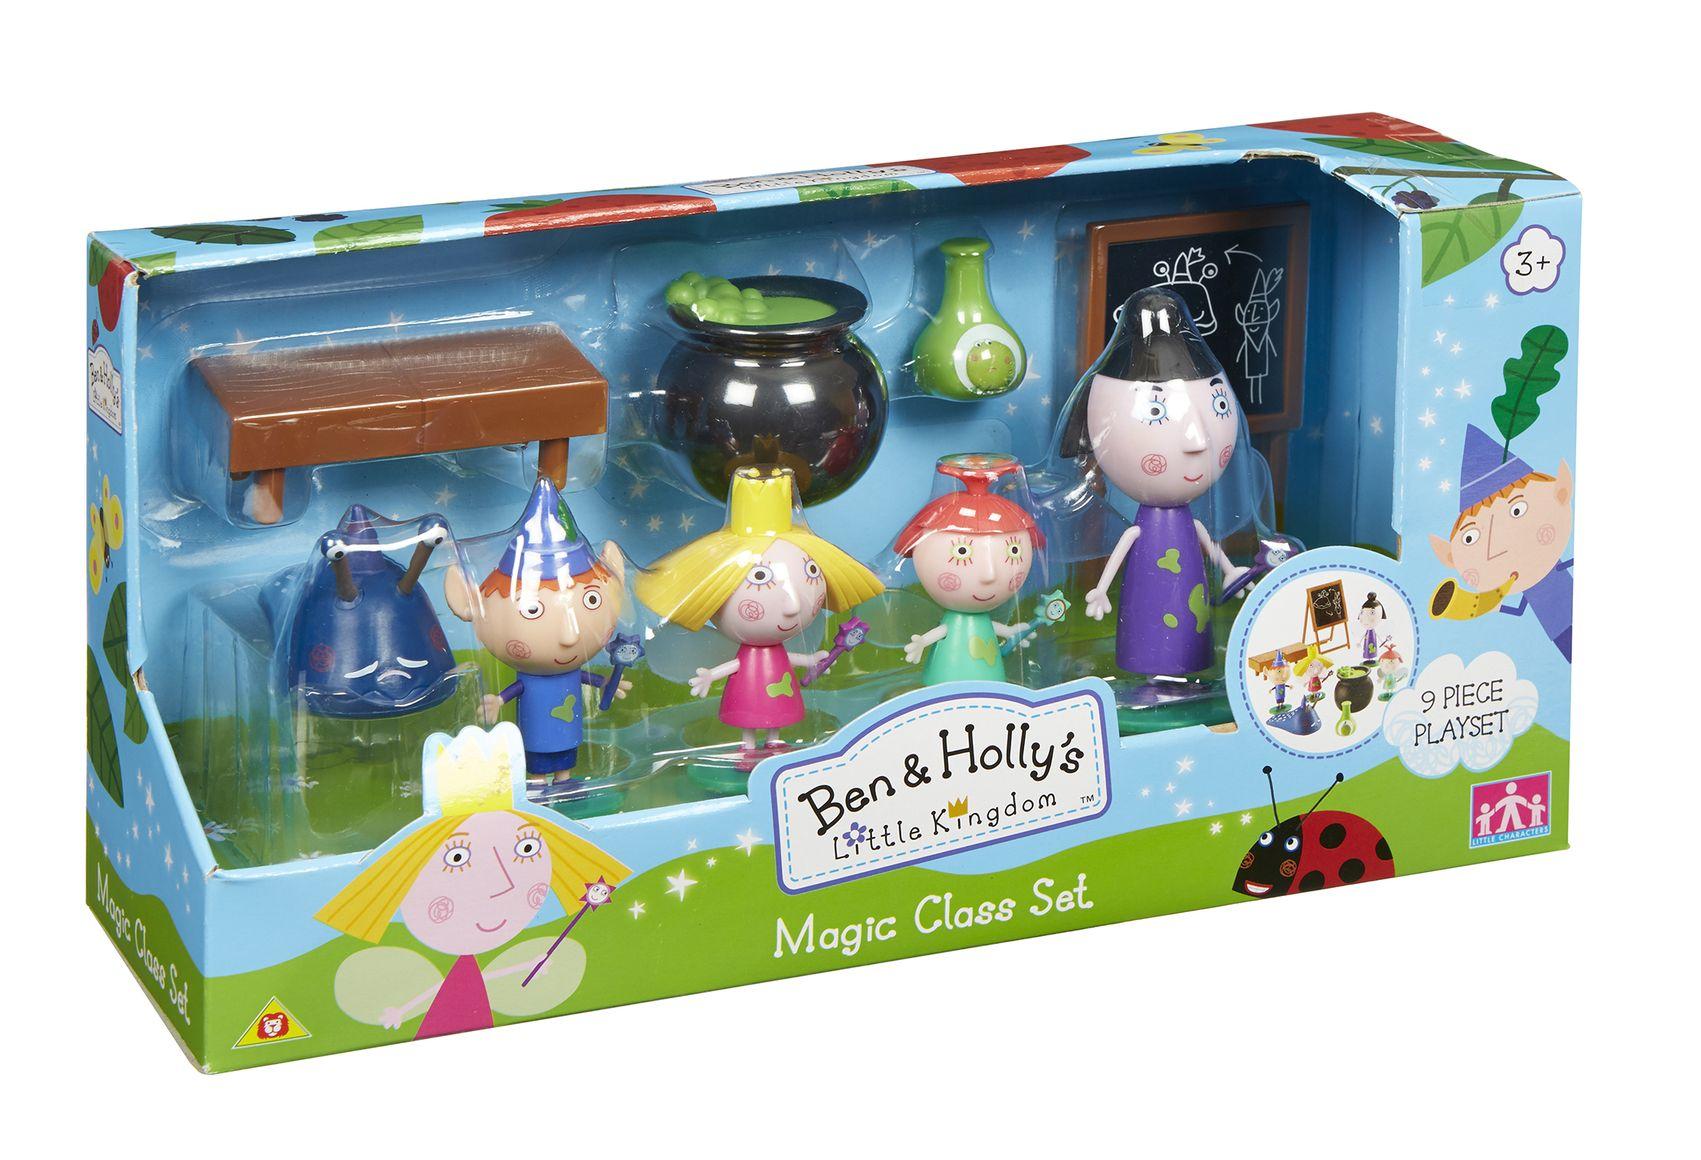 АКЦИЯ-20 Игр Набор Ben & Holly Школа Магии 5 фиг в наборе